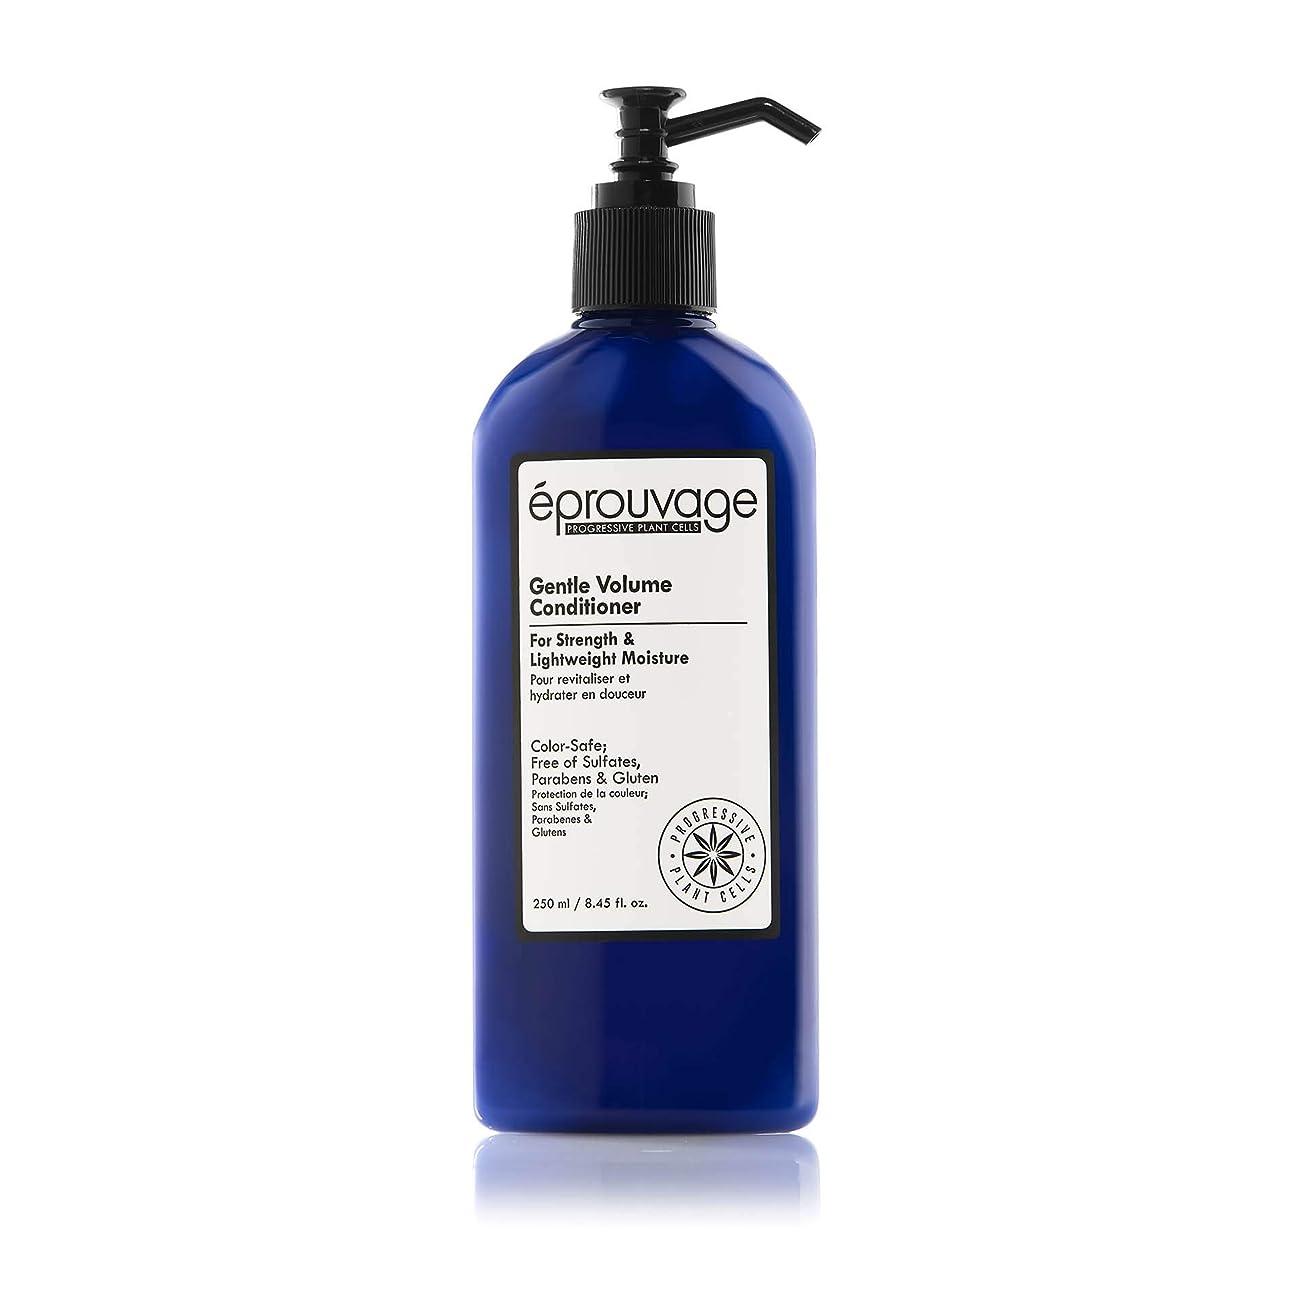 サーフィンソーダ水ロマンスeprouvage ジェントルボリュームコンディショナー、水分を強化&軽量のために、8.45オンス